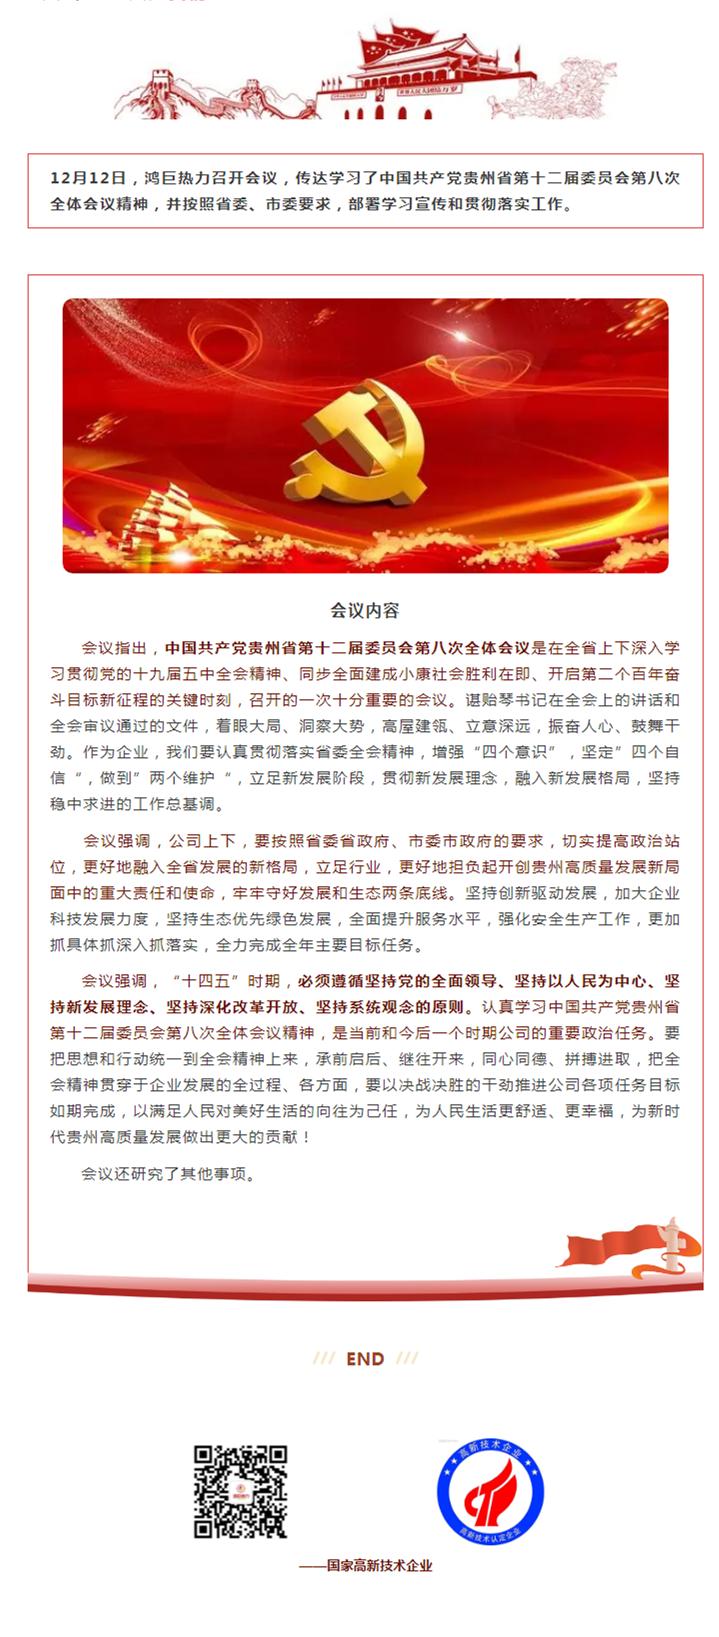 鸿巨新利18体育app集中学习中国共产党贵州省第十二届委员会第八次全体会议精神_副本.png